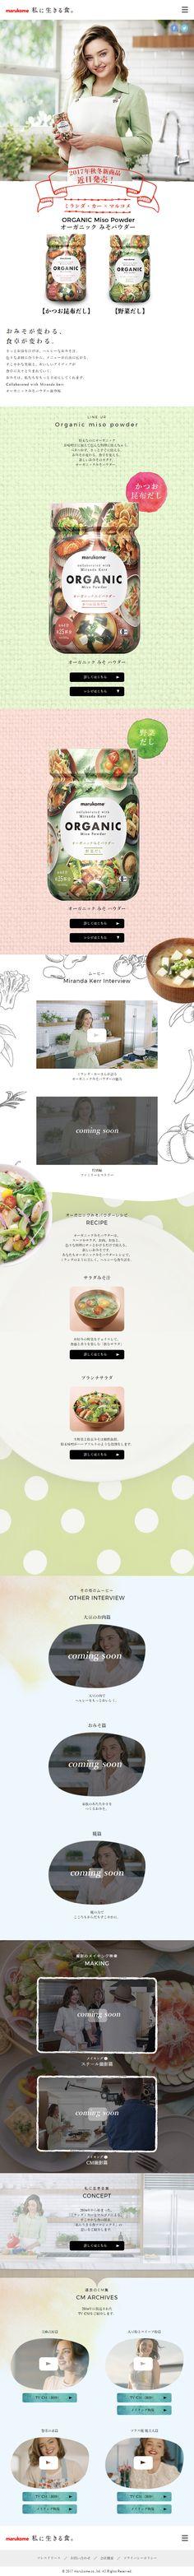 ORGANIC Miso Powder|WEBデザイナーさん必見!スマホランディングページのデザイン参考に(かわいい系)